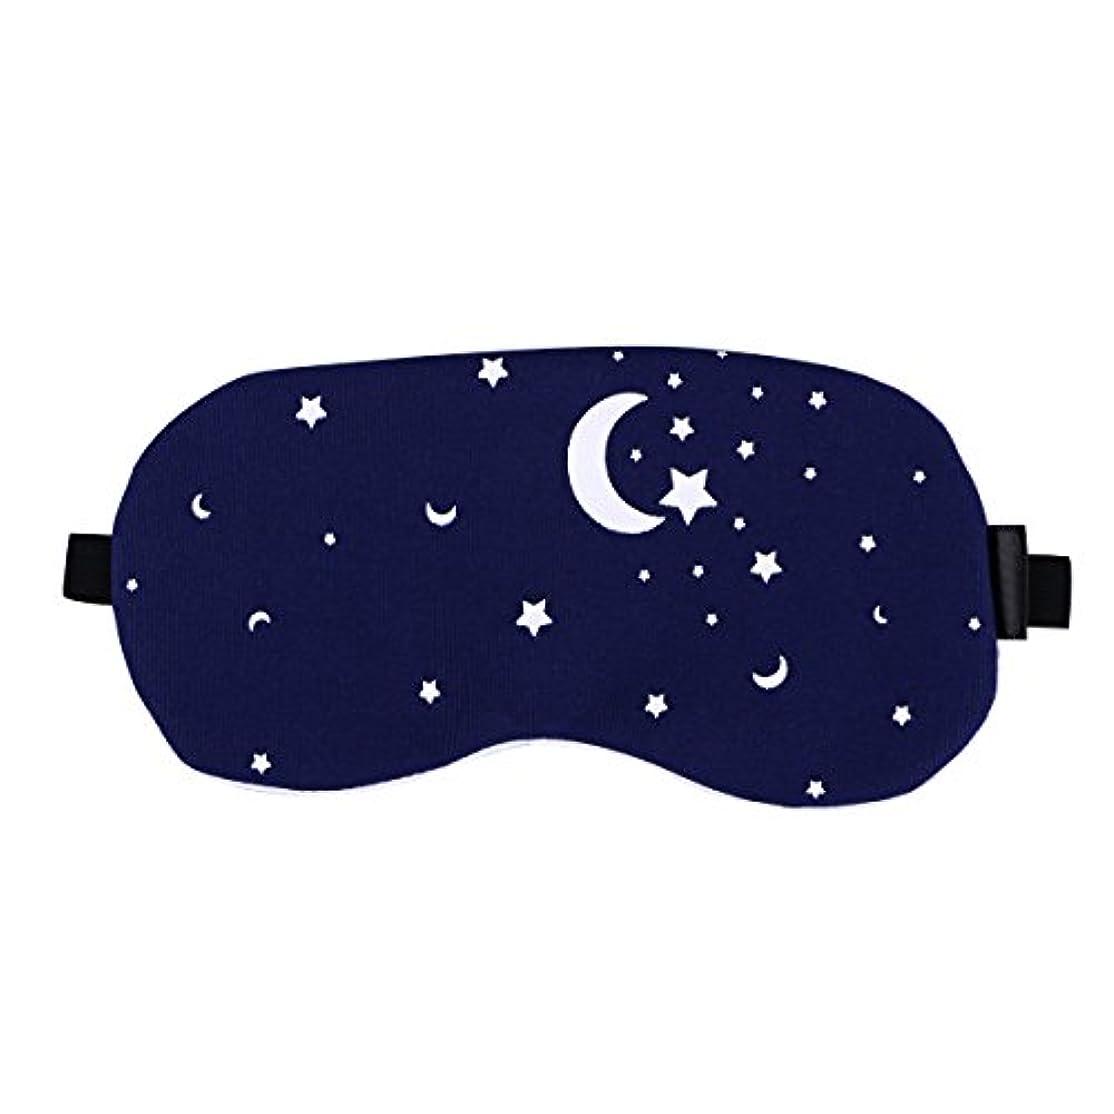 検出可能利用可能パンサーHealifty 男性と女性のための夜の眠りの目のマスクの綿とリネンの睡眠の盲目の睡眠のマスクのアイカバー調節可能なアイシェード(星空)